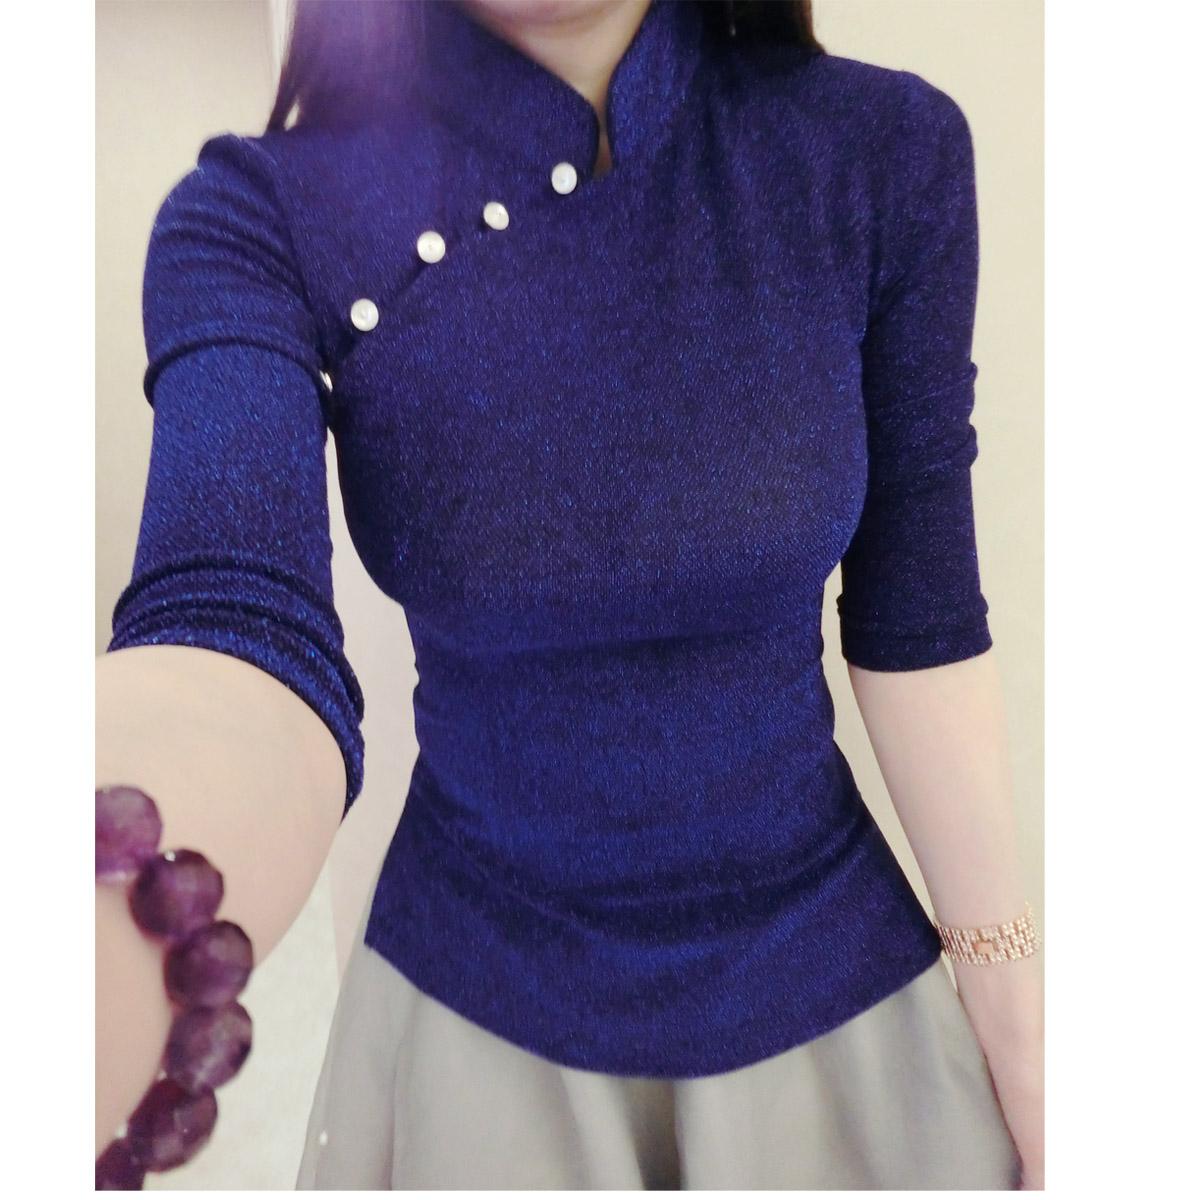 Хочу блузку в нижнем новгороде